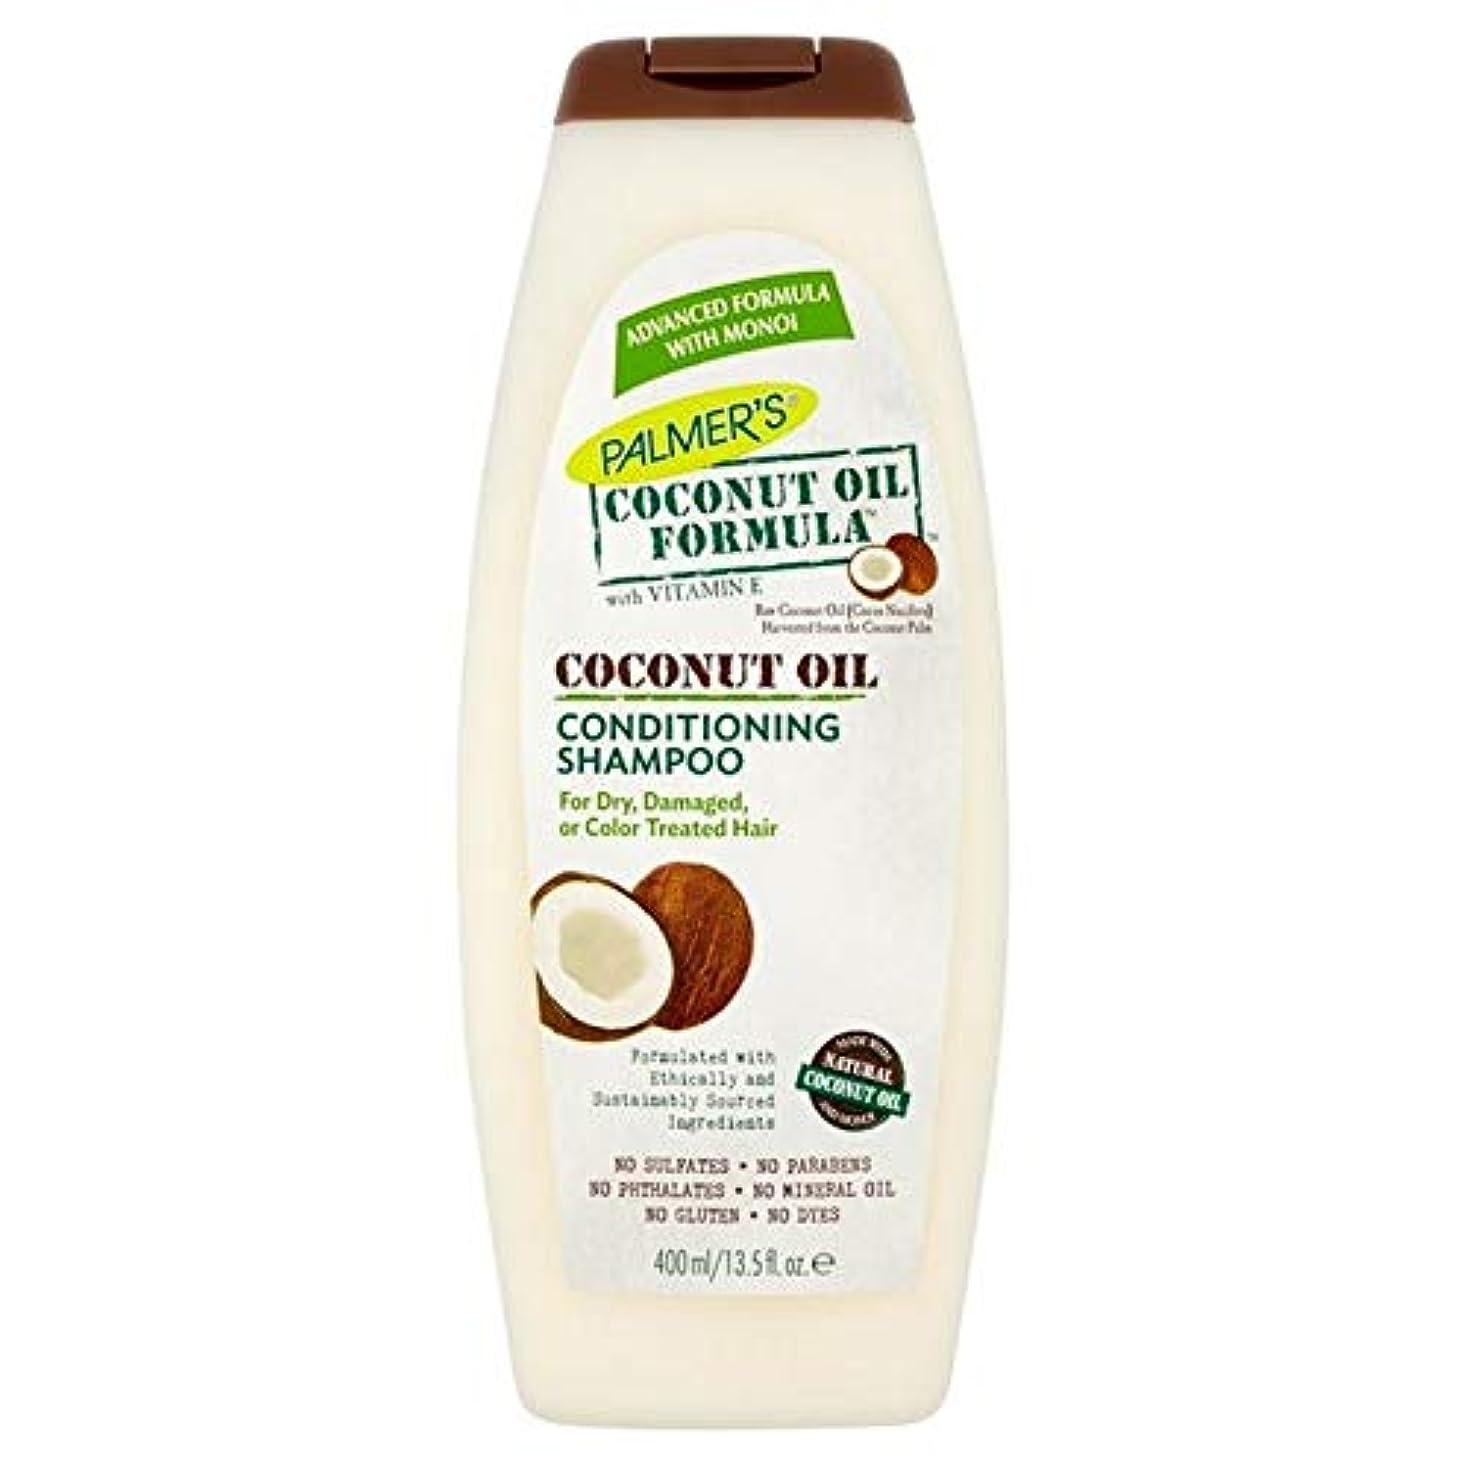 閉塞パース吸う[Palmer's ] パーマーのヤシ油コンディショニングシャンプー400ミリリットル - Palmer's Coconut Oil Conditioning Shampoo 400ml [並行輸入品]